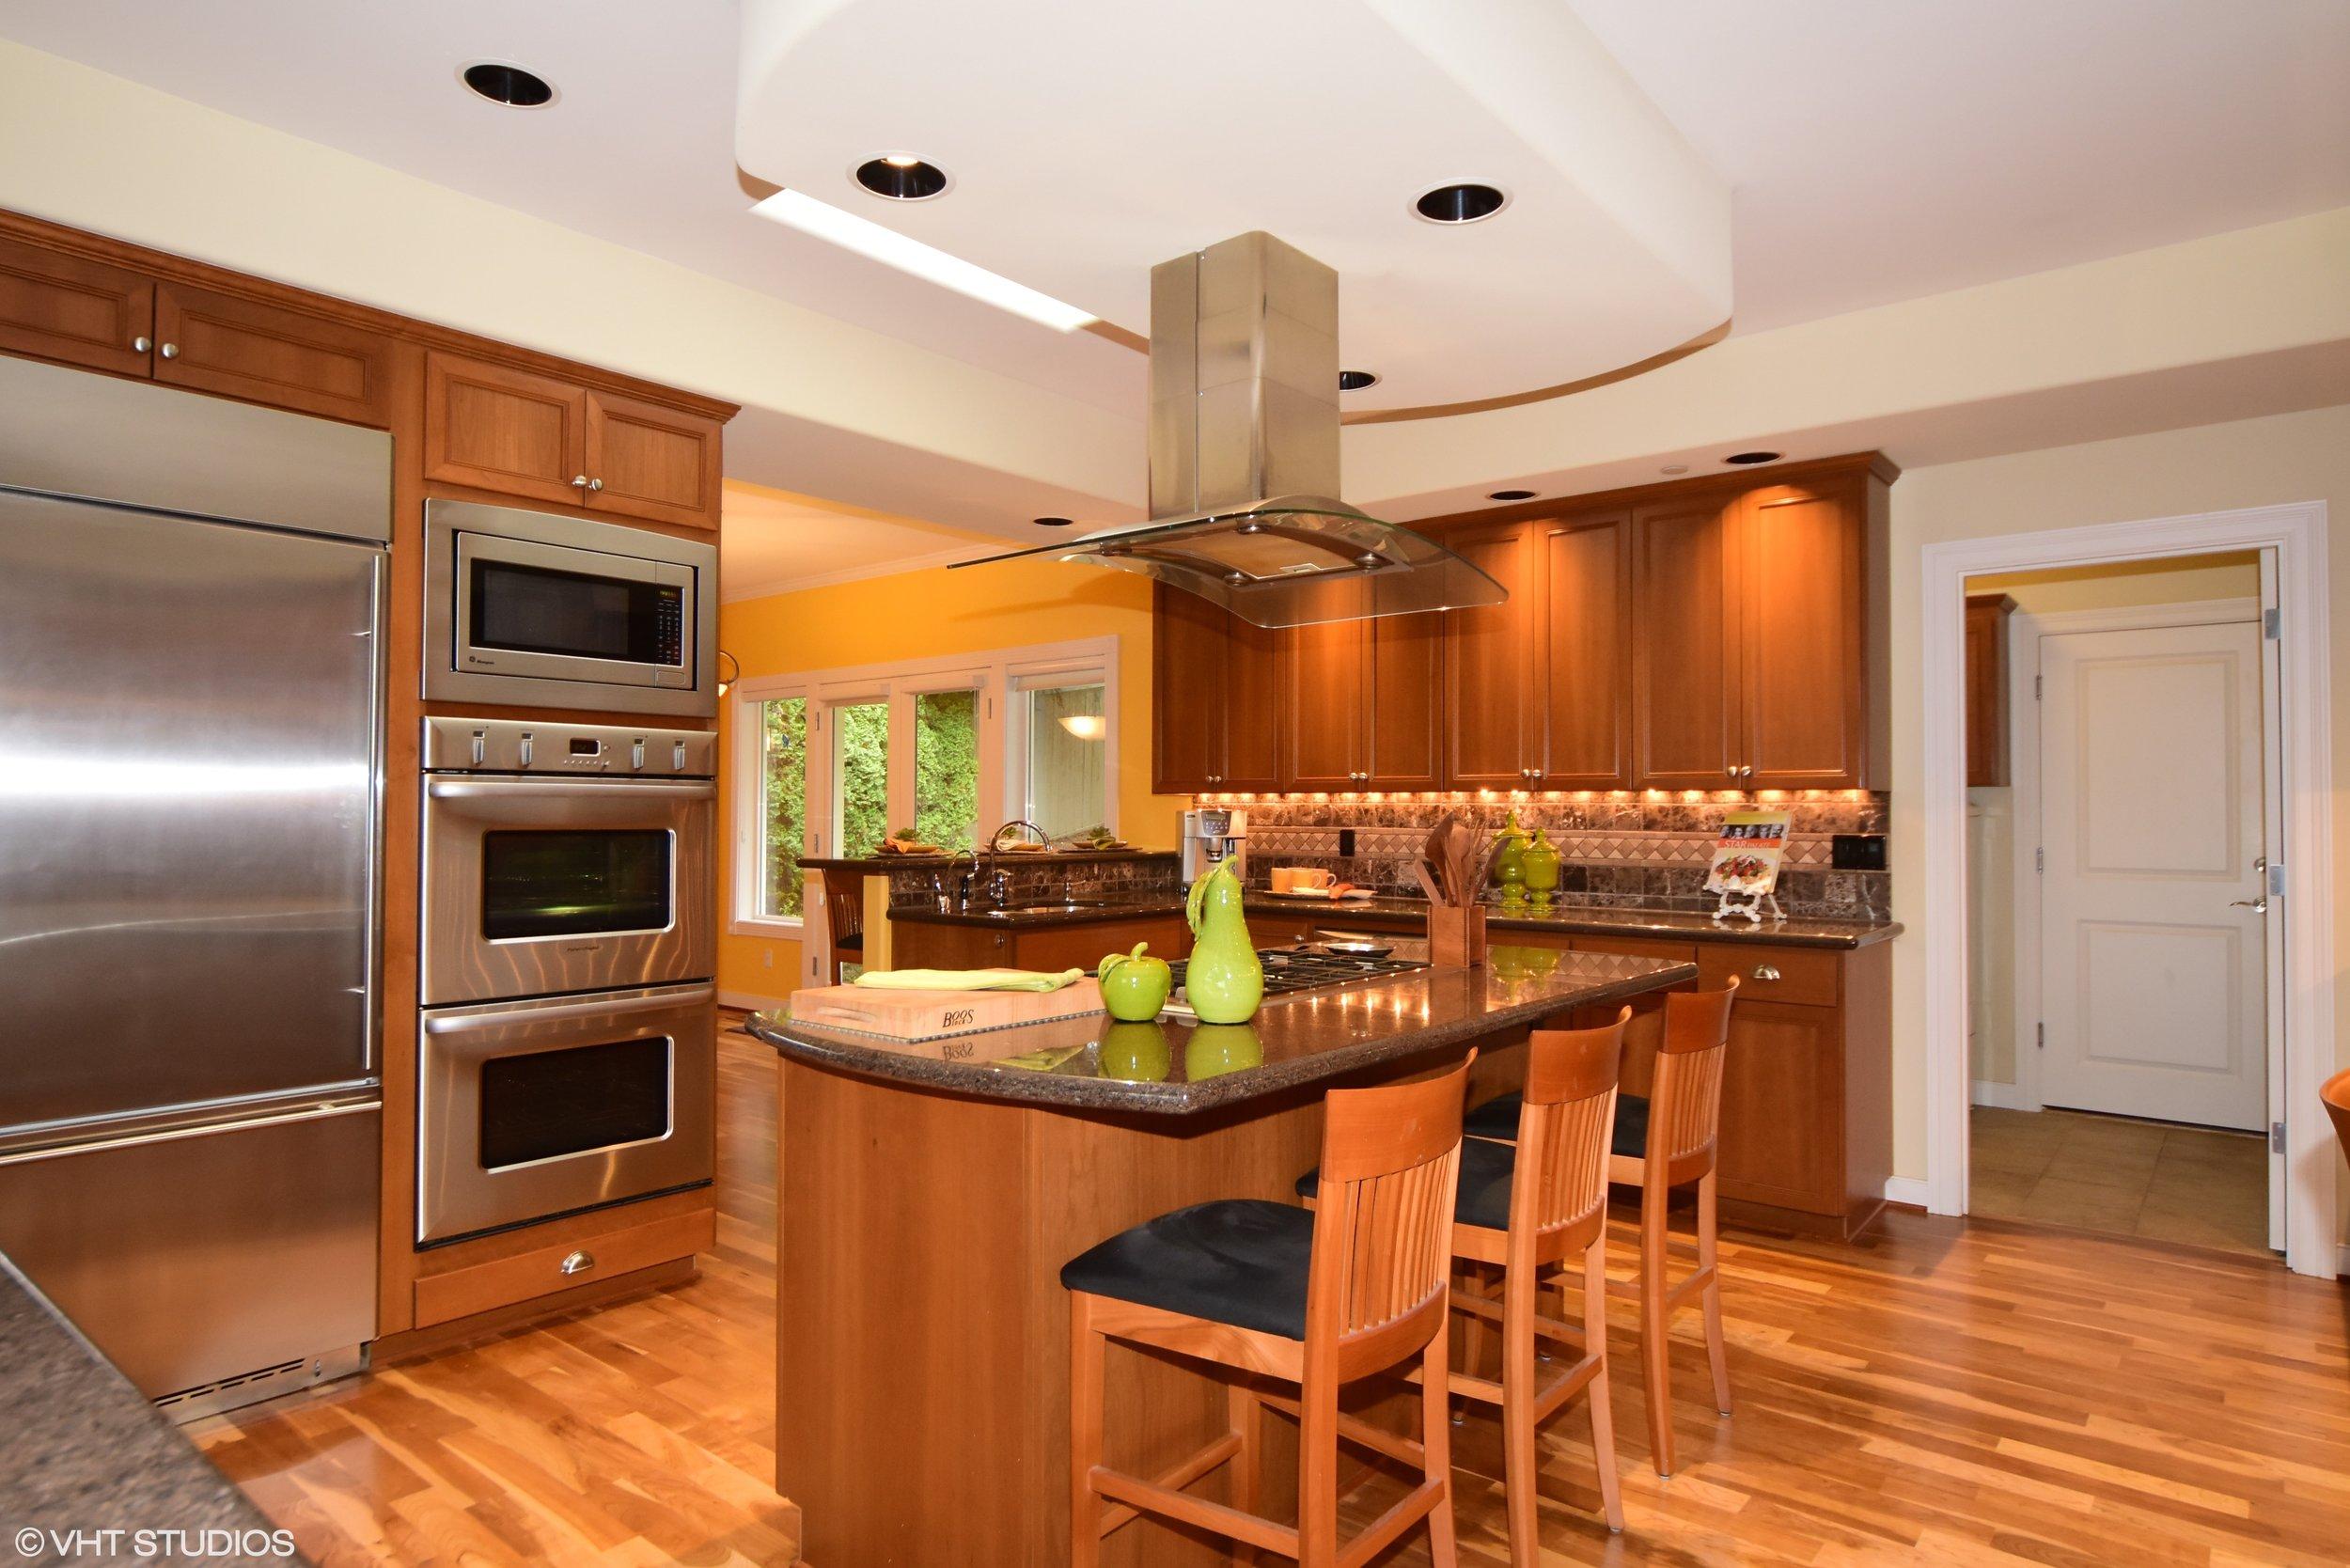 07_3734EMercerWay_177002_Kitchen_HiRes.jpg